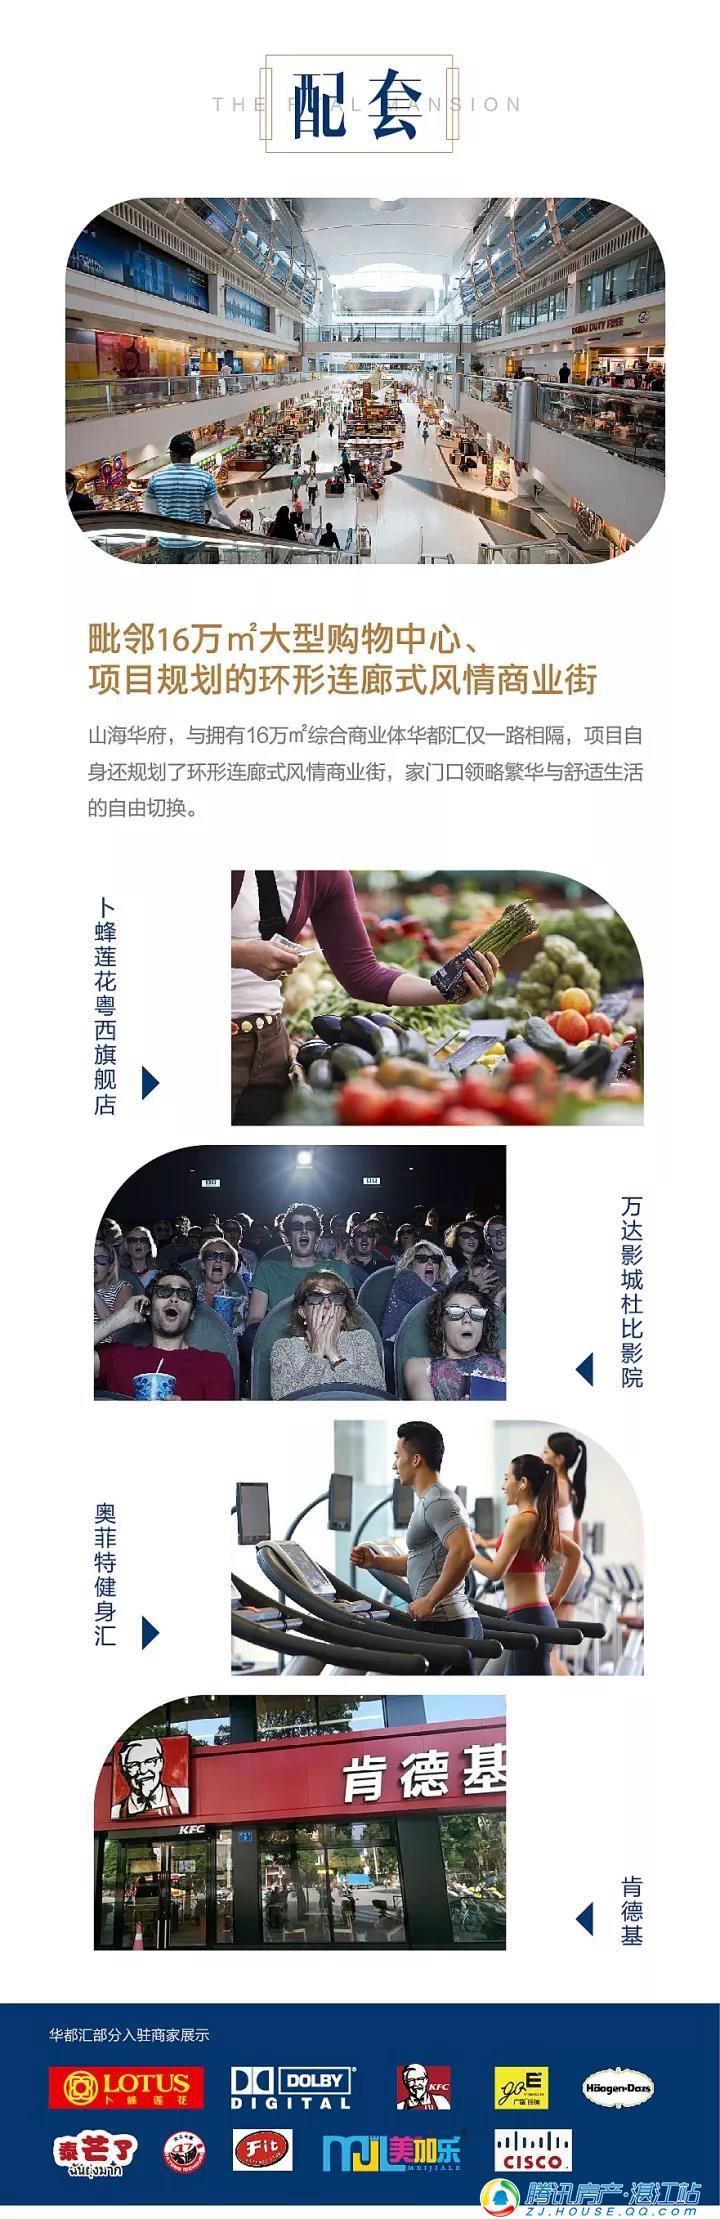 【山海华府】11月25日 66-112㎡高实用率 城央新品 精装加推